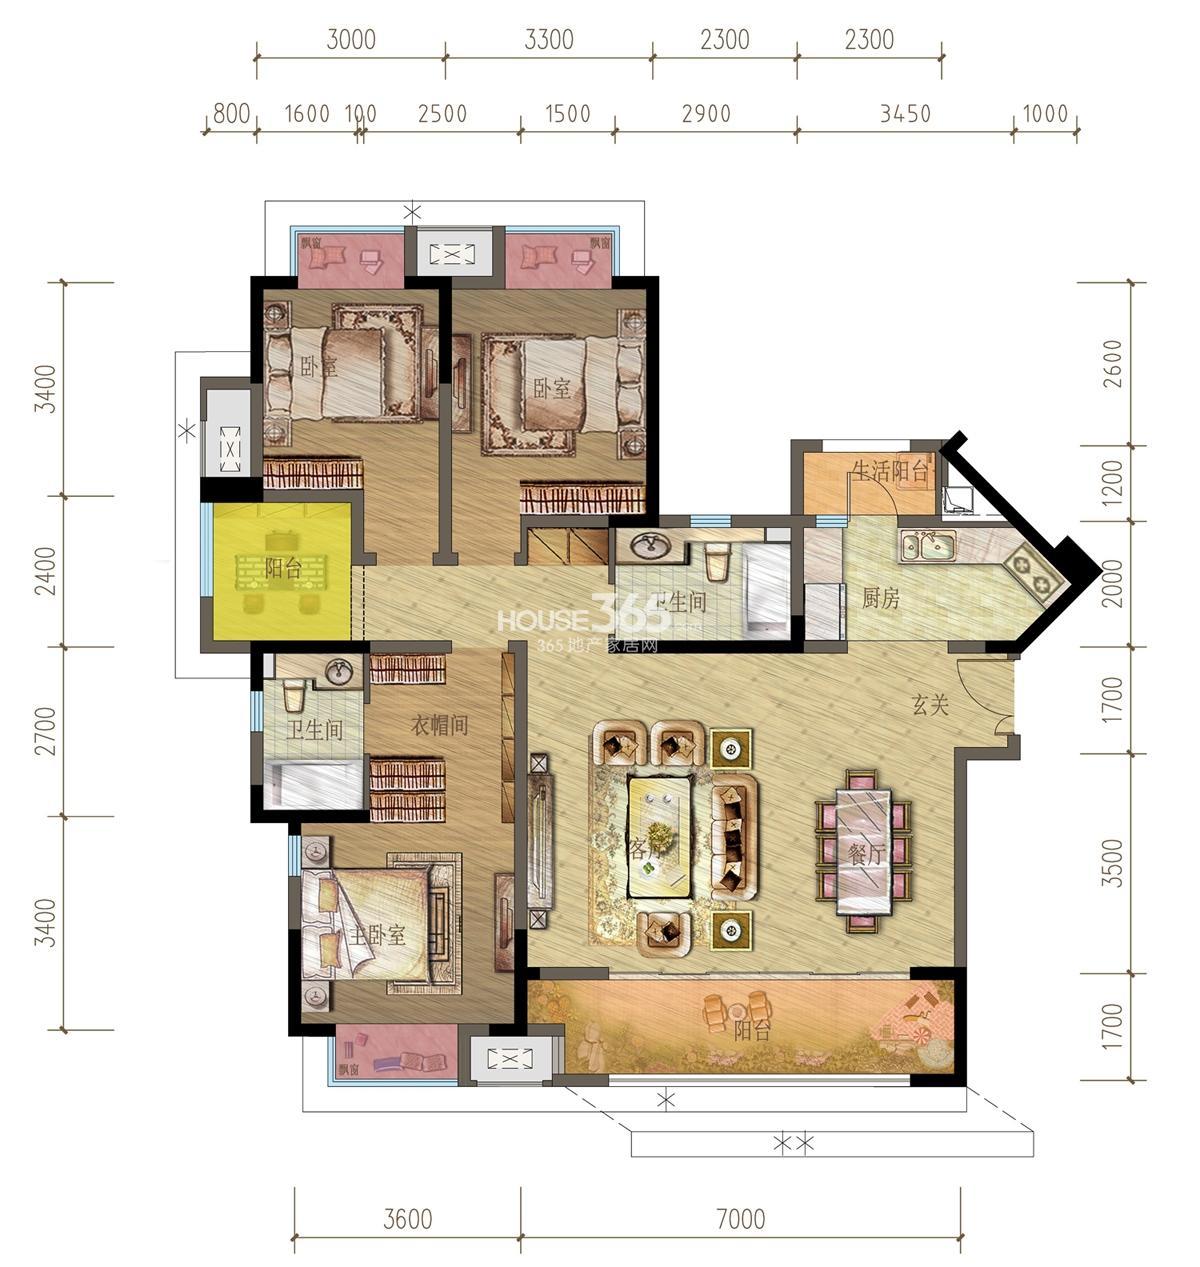 御龙天峰铂庭组团C-1户型 三房两厅两卫 117平米